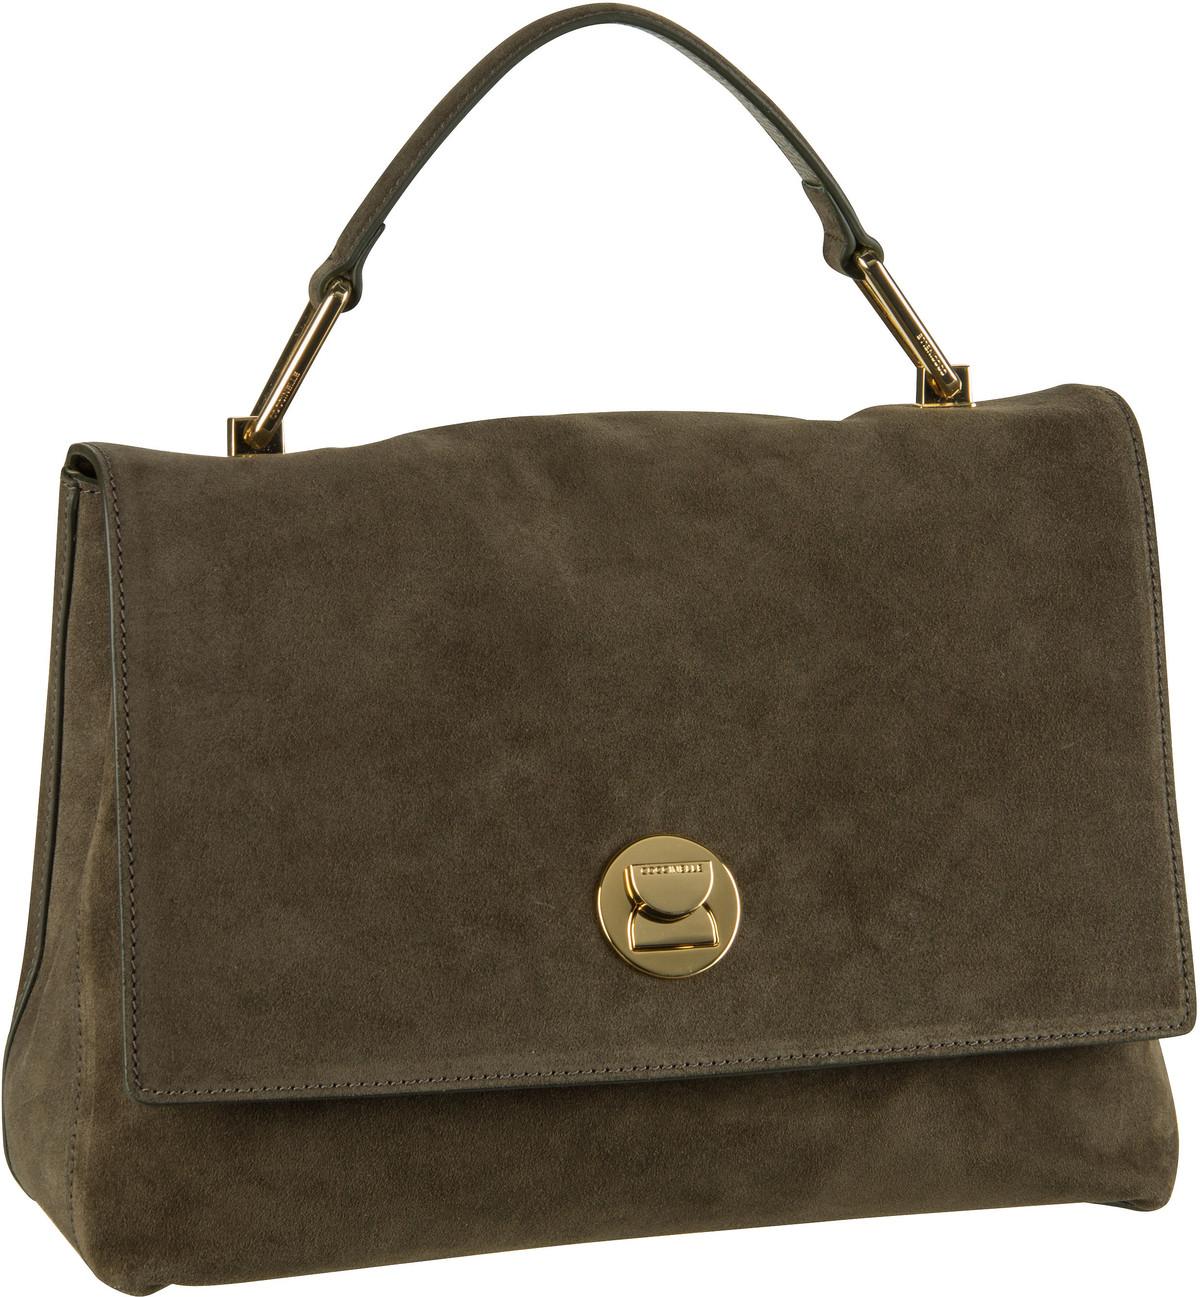 Handtasche Liya Suede 1801 Evergreen